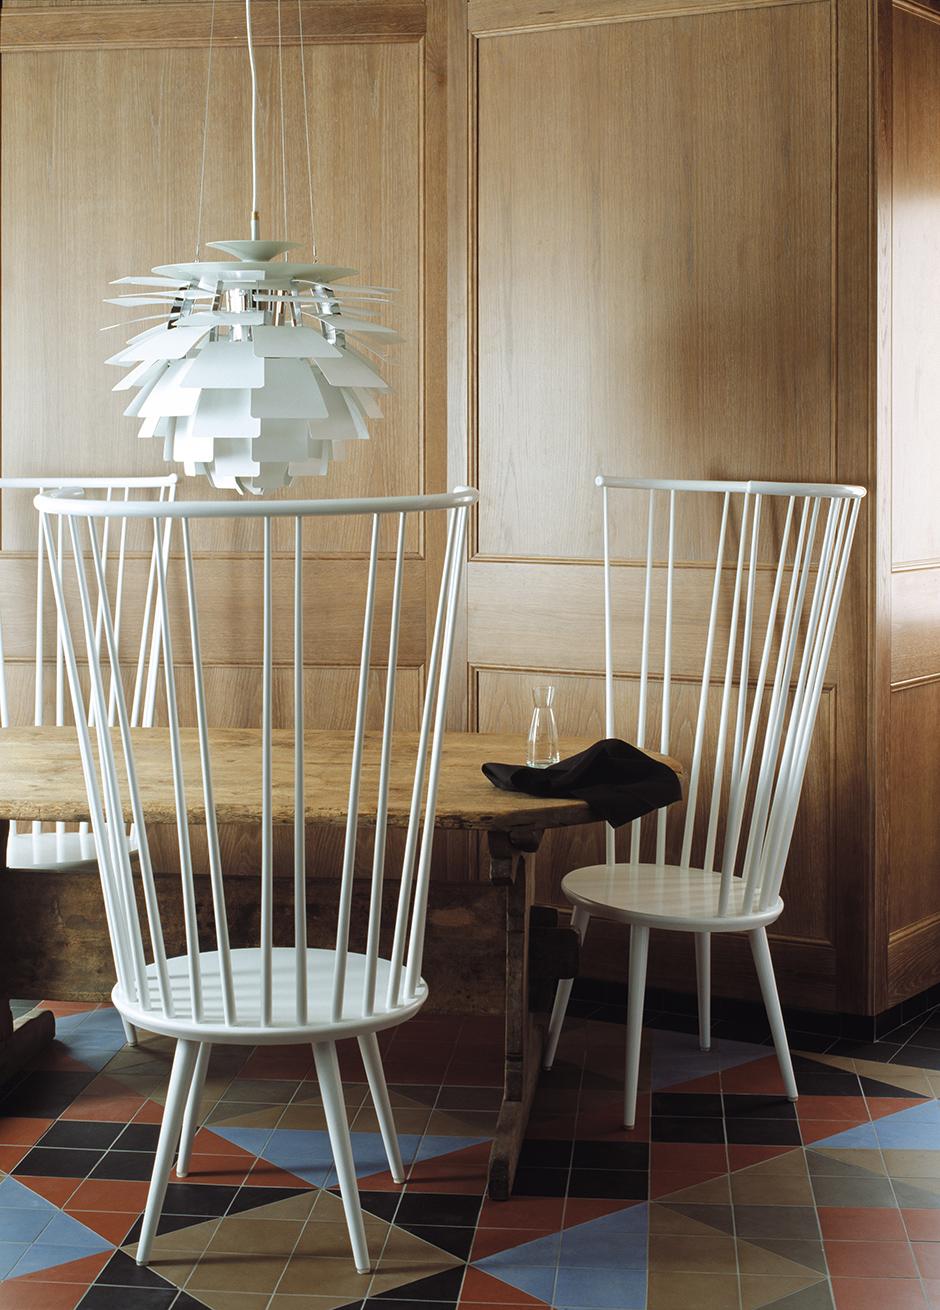 Интерьер отеля Matbaren в Стокгольме, интерьер от Илзе Кроуфорд, дизайнера года на M&O 2015.